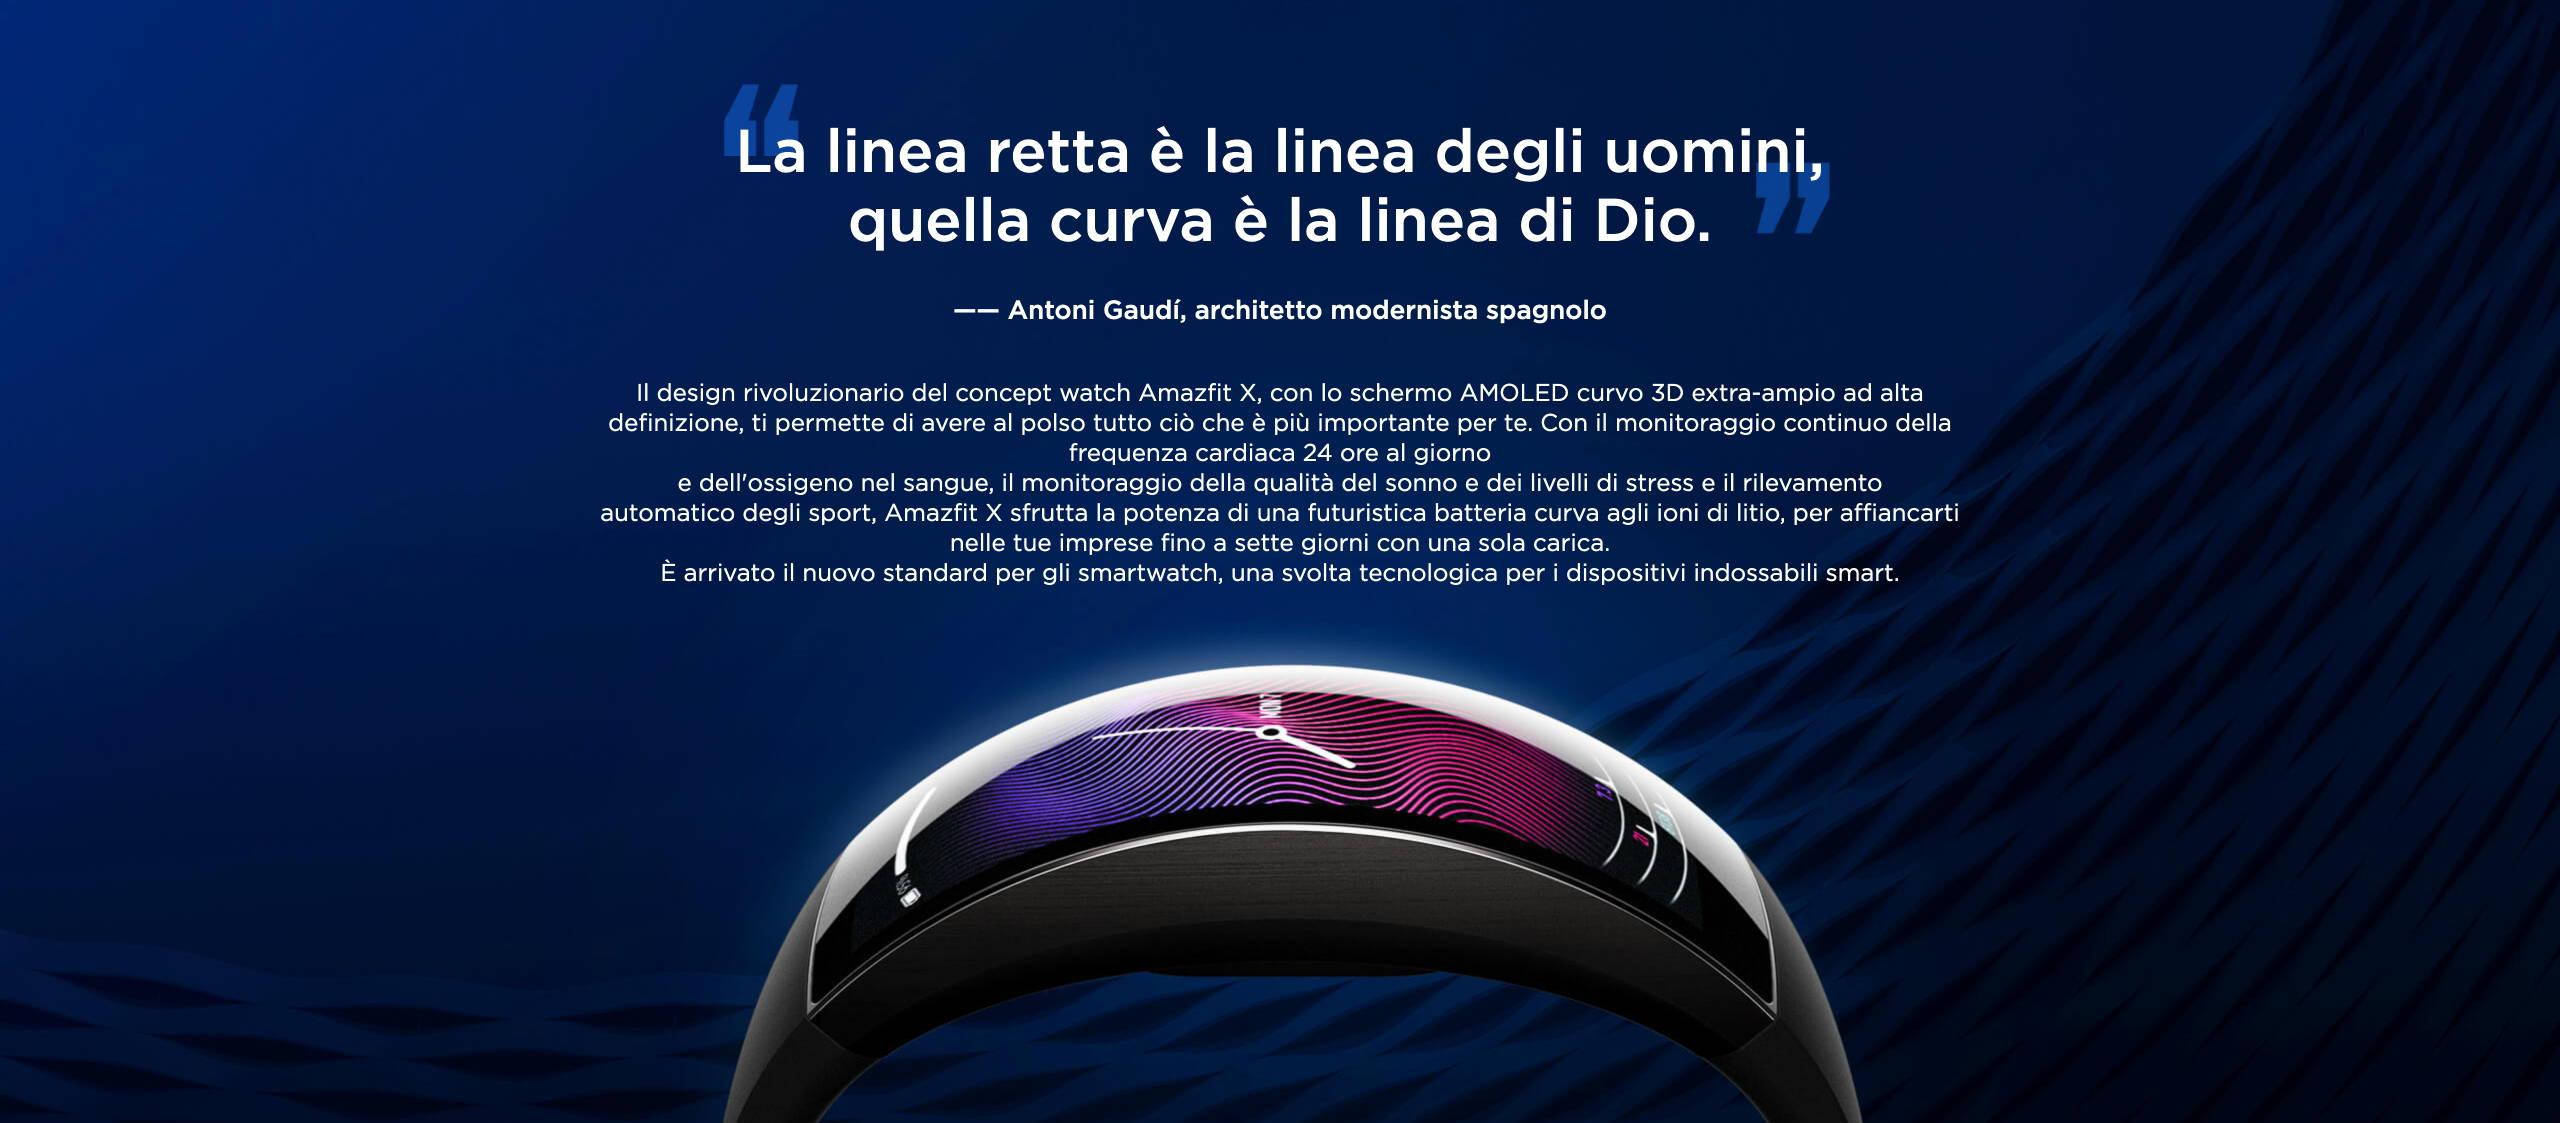 Amazfit X - La linea retta è la linea degli uomini,quella curva è la linea di Dio.